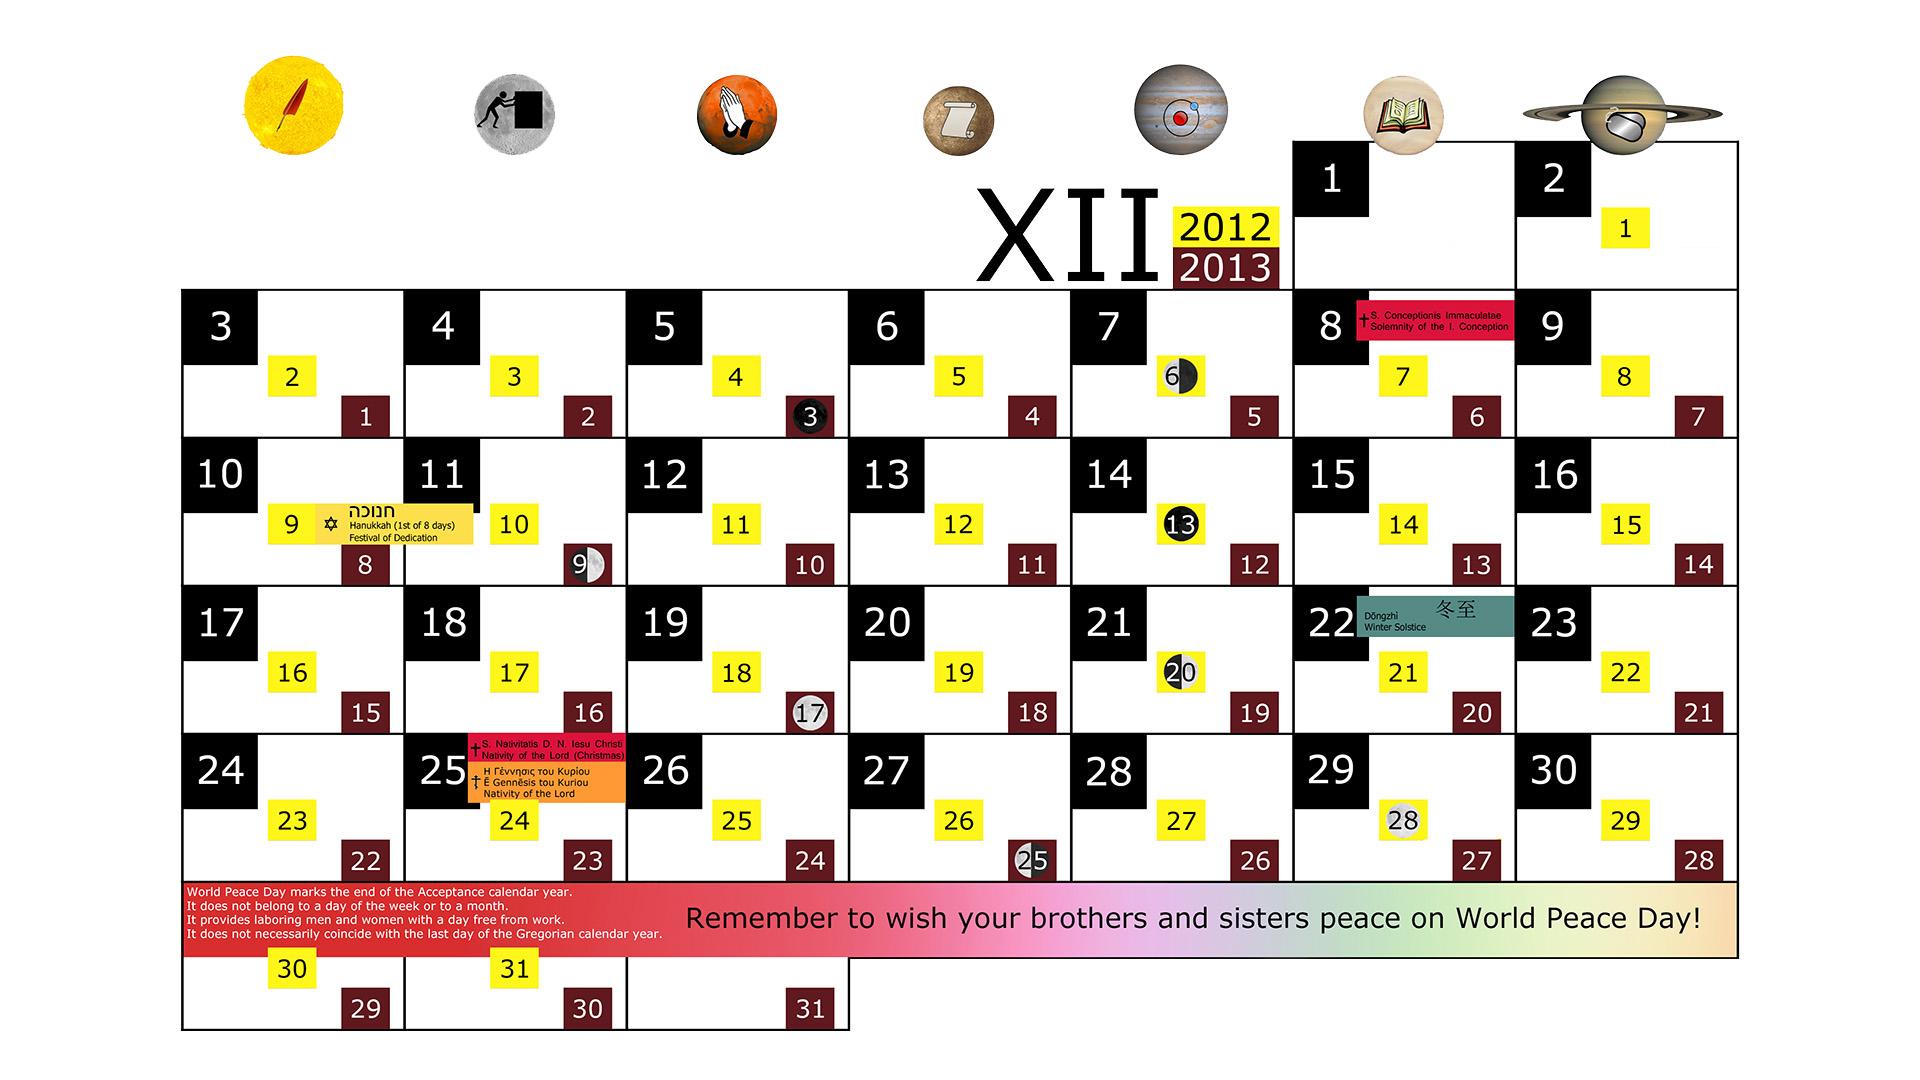 Miesięczny kalendarz świąt na grudzień 2012 and 2013 na białym tle